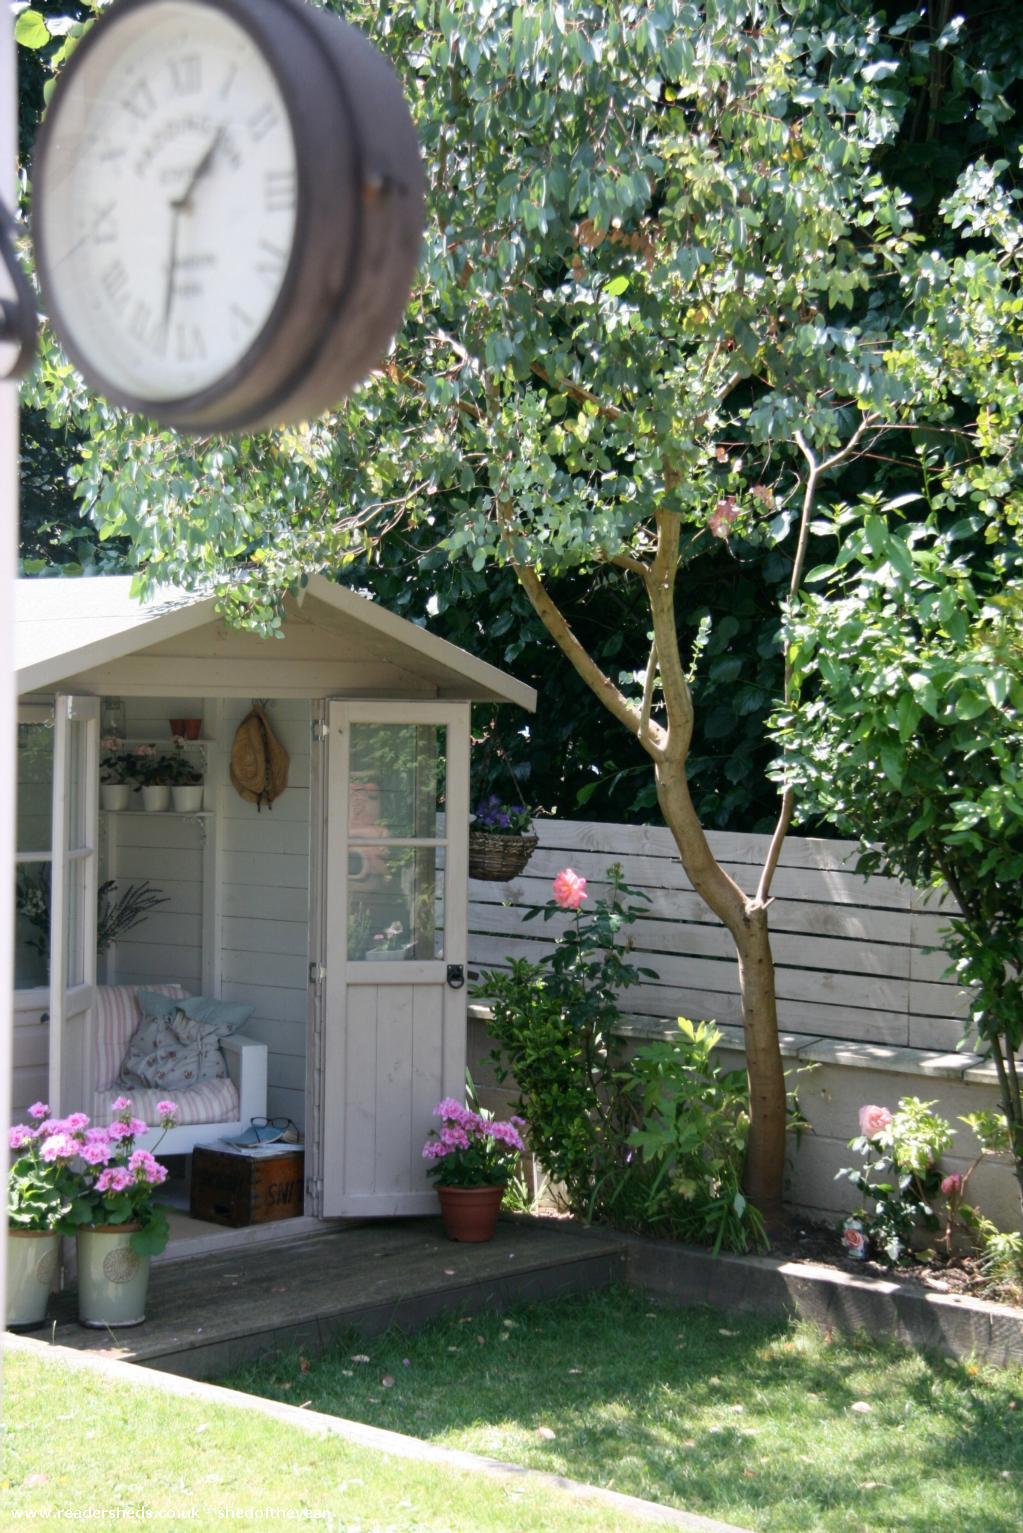 English Country Garden Cabin Summerhouse From Garden